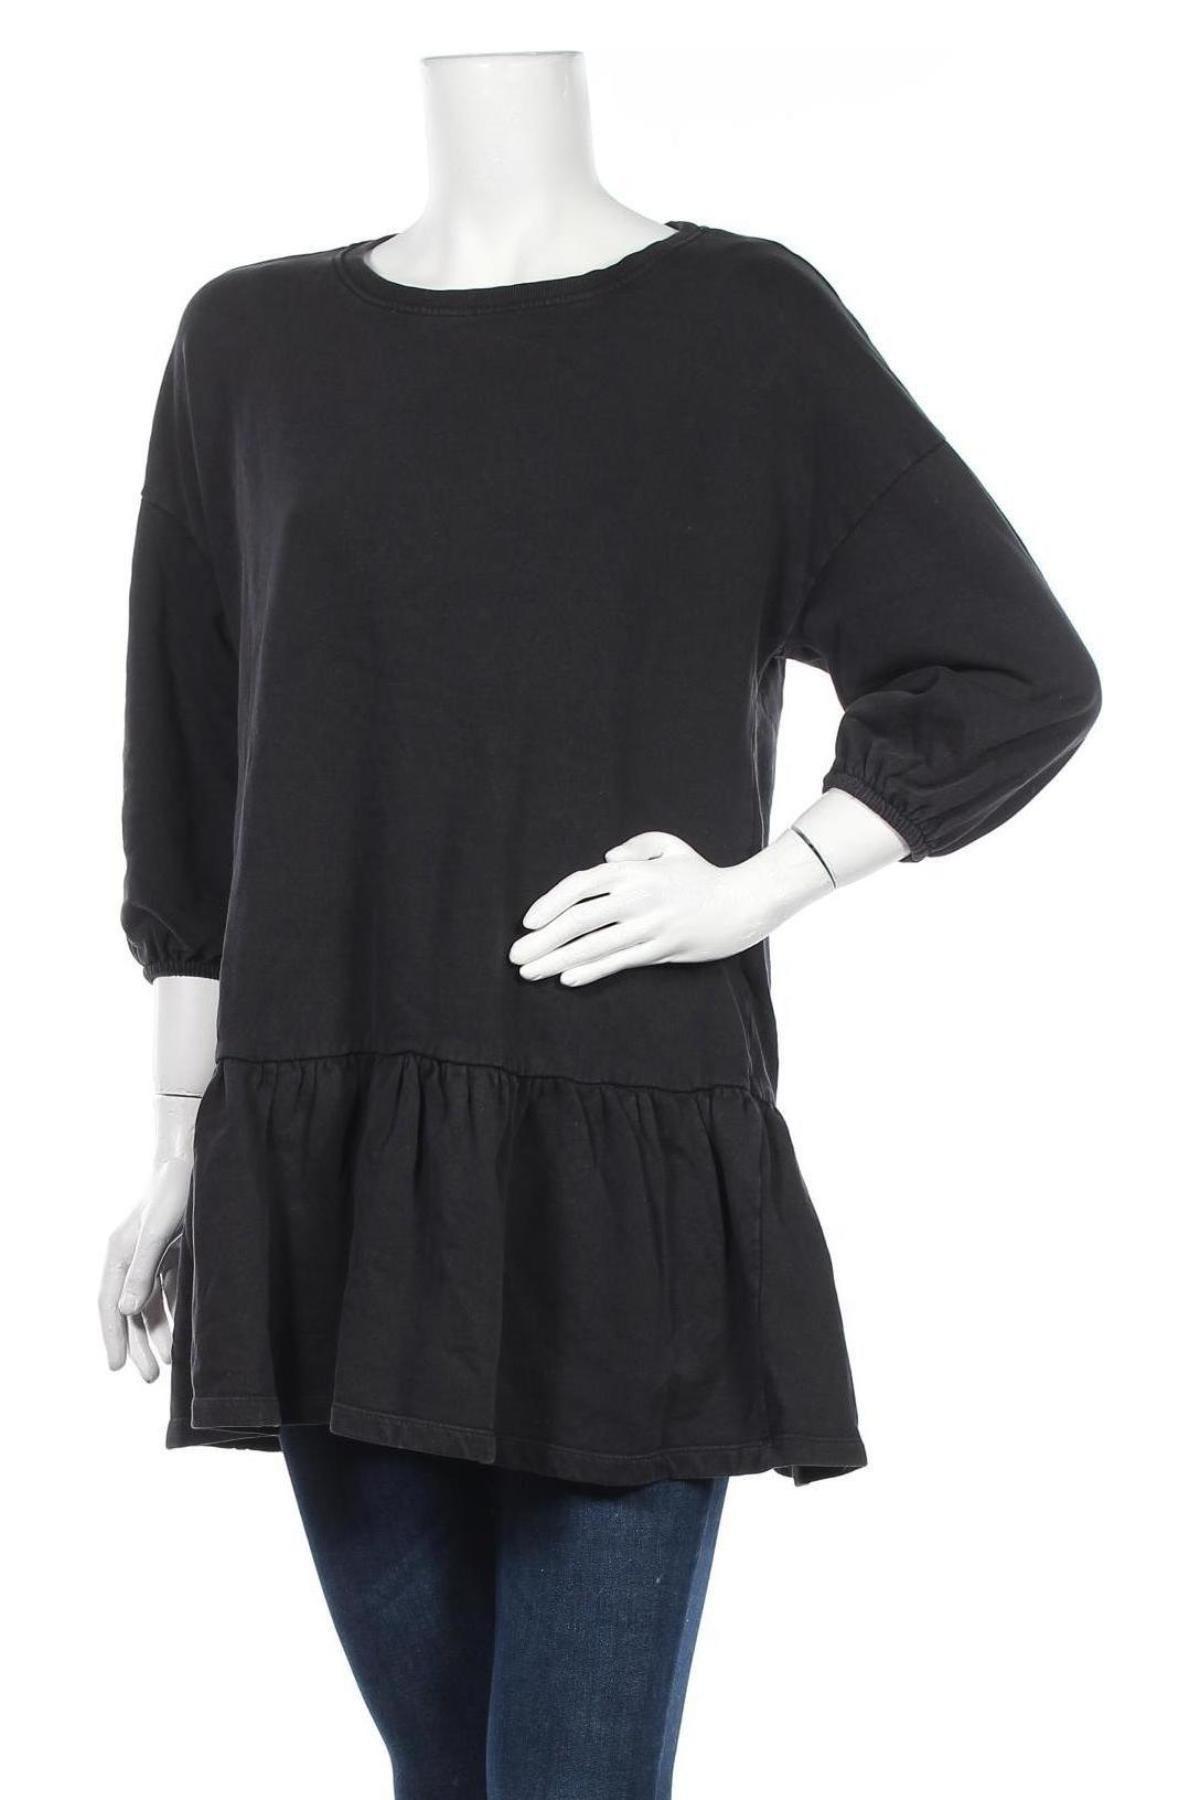 Τουνίκ ONLY, Μέγεθος L, Χρώμα Μαύρο, Βαμβάκι, Τιμή 14,60€